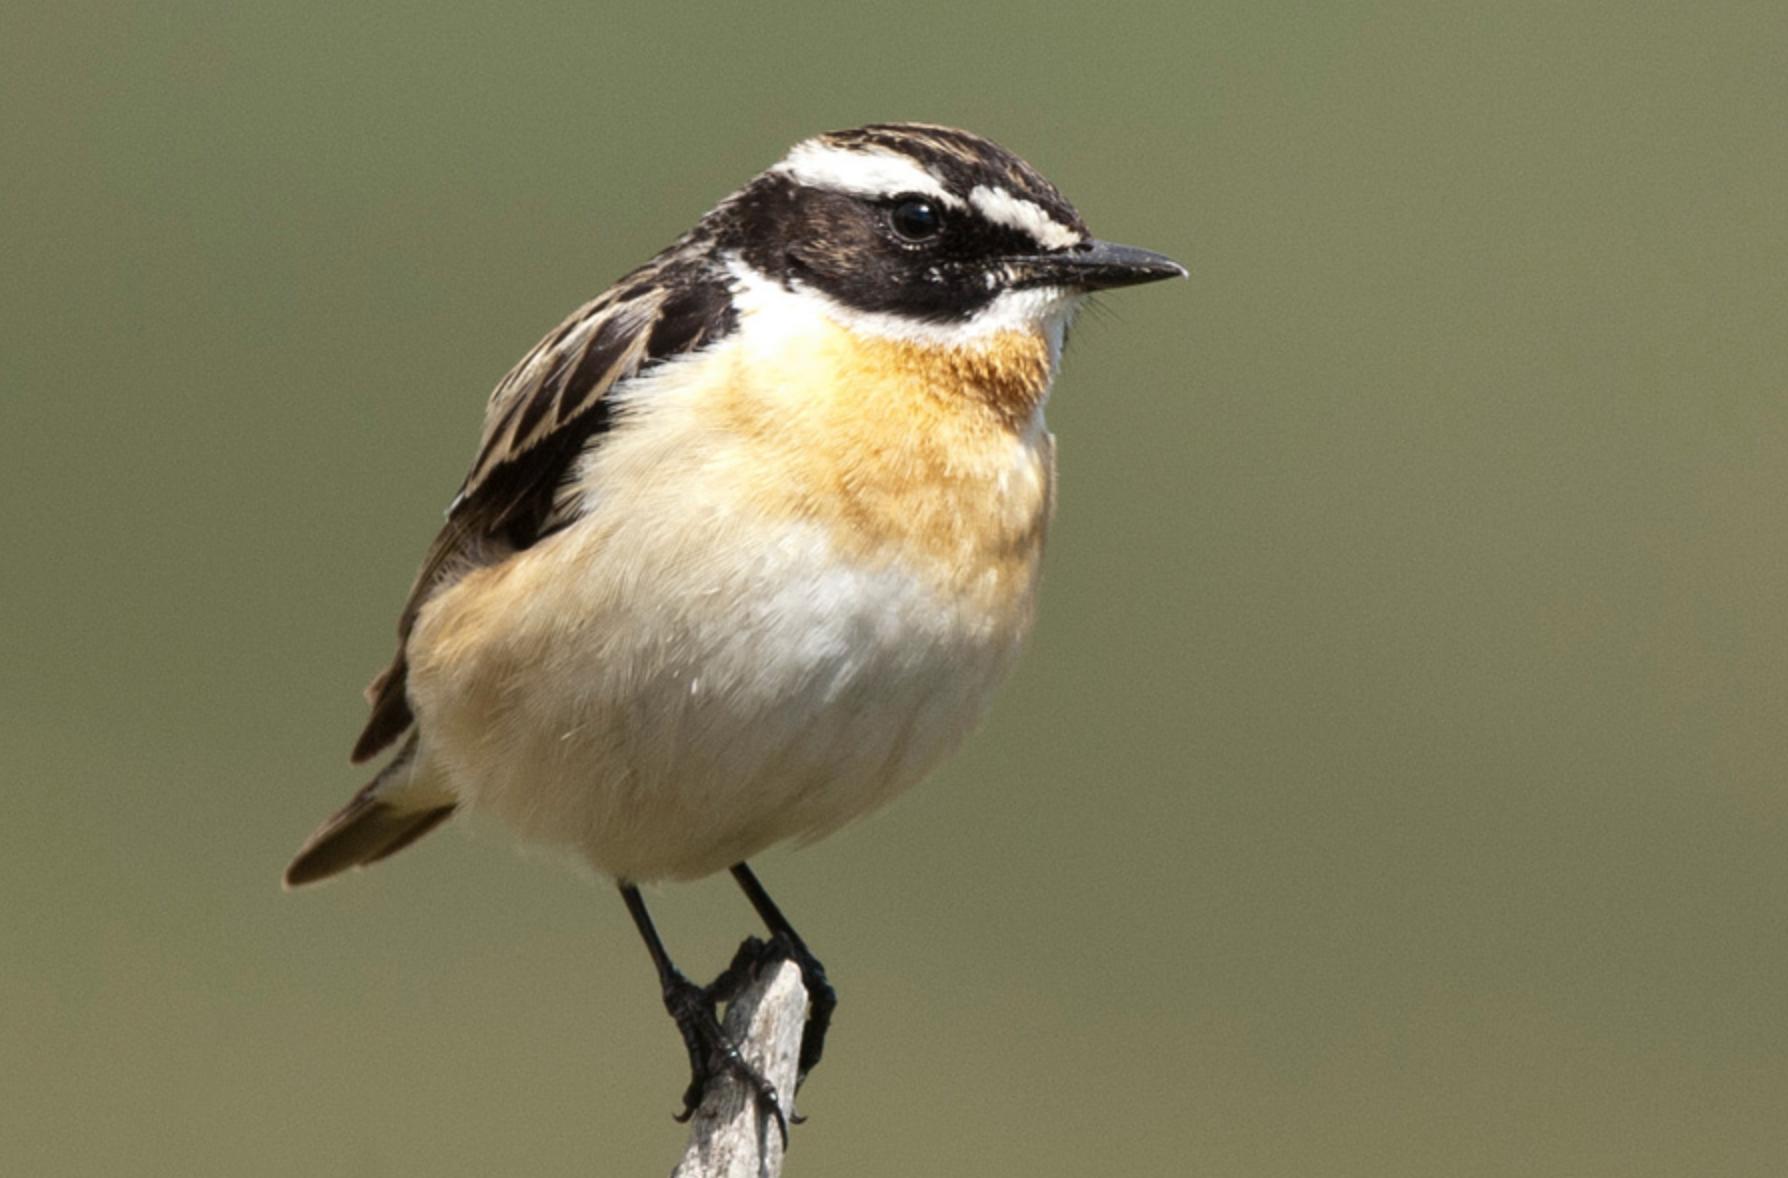 Das Braunkehlchen findet im Naturschutzgebiet beste Brutbedingungen